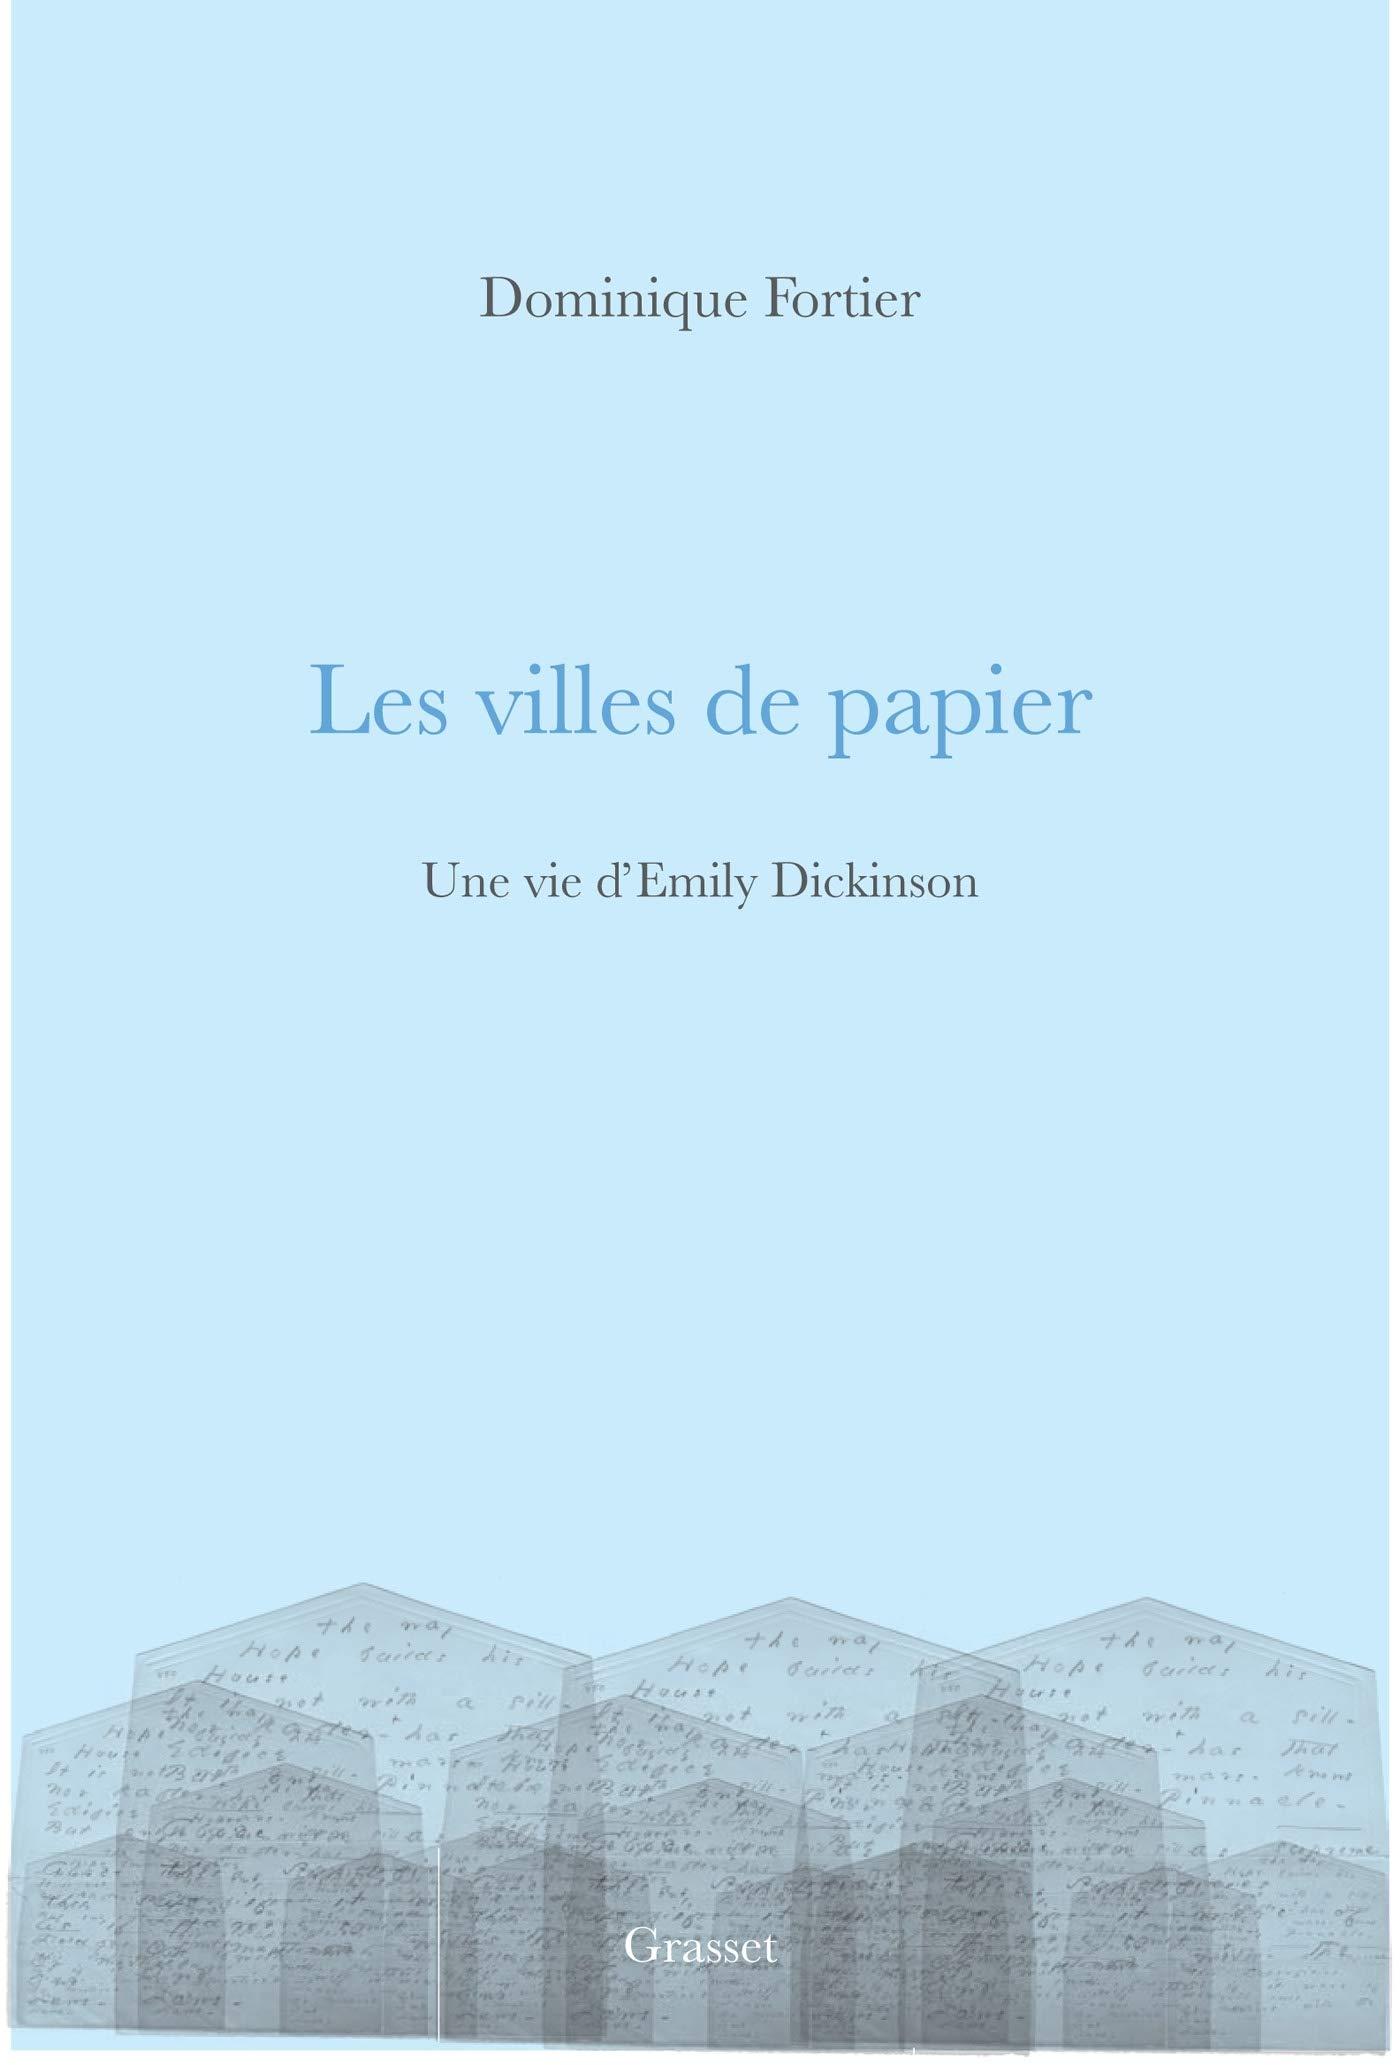 Les Villes de papier